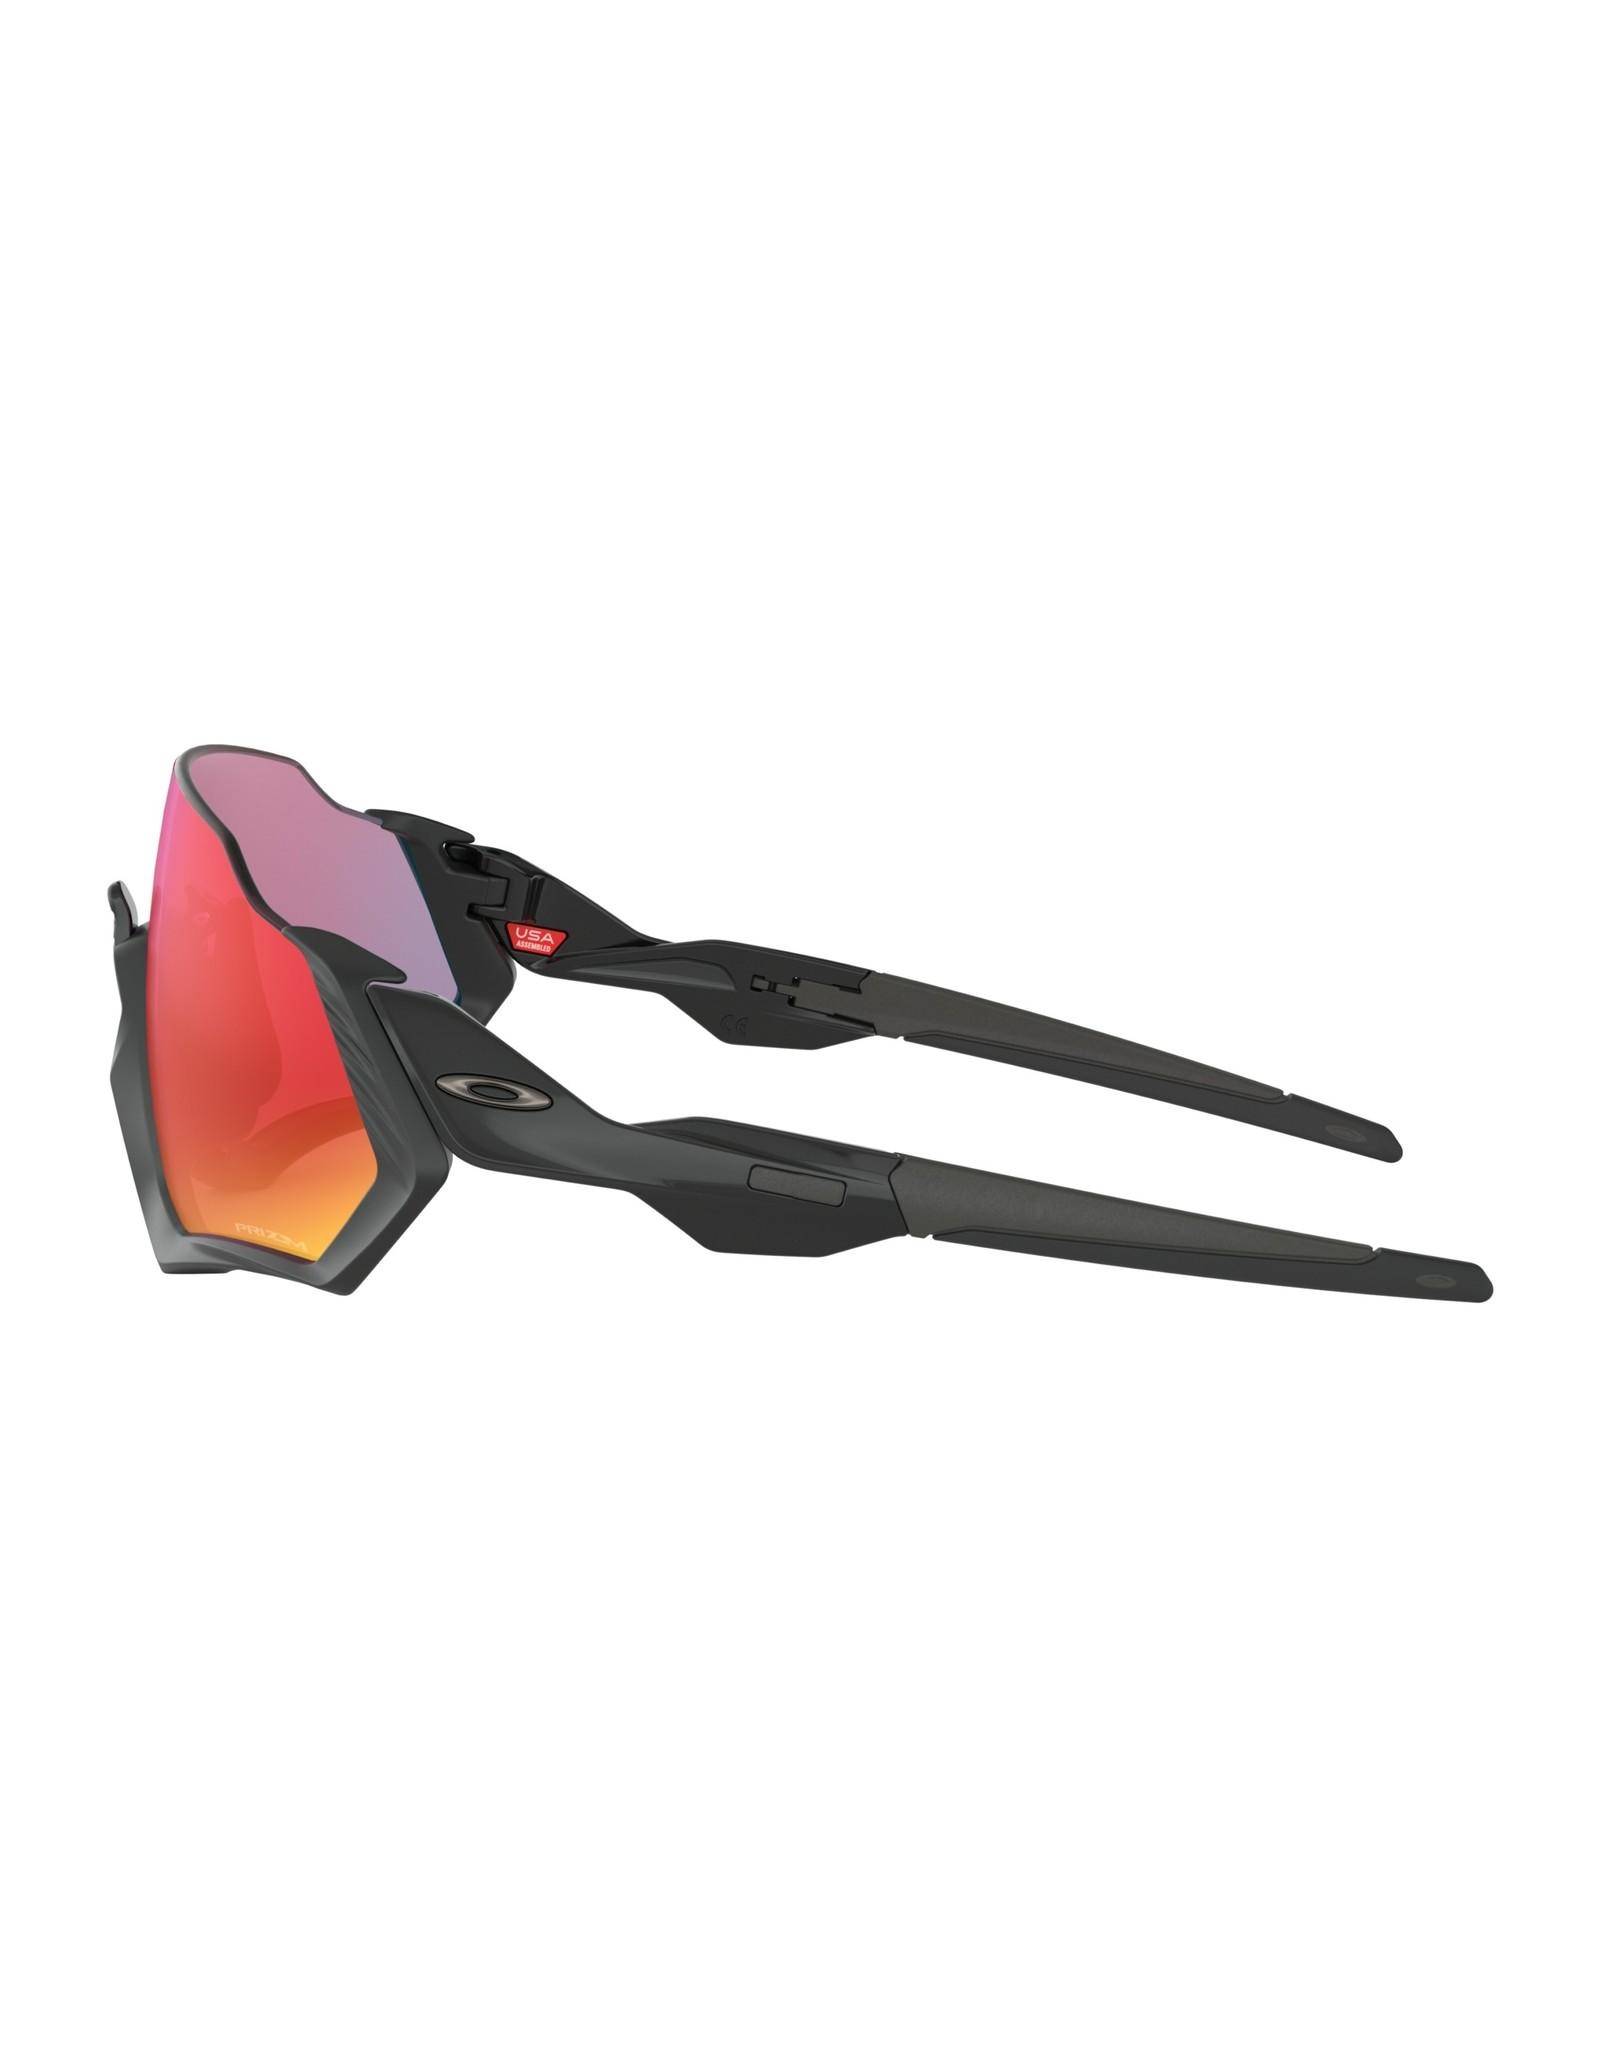 Oakley Flight Jacket Matte Black w/ Prizm Road